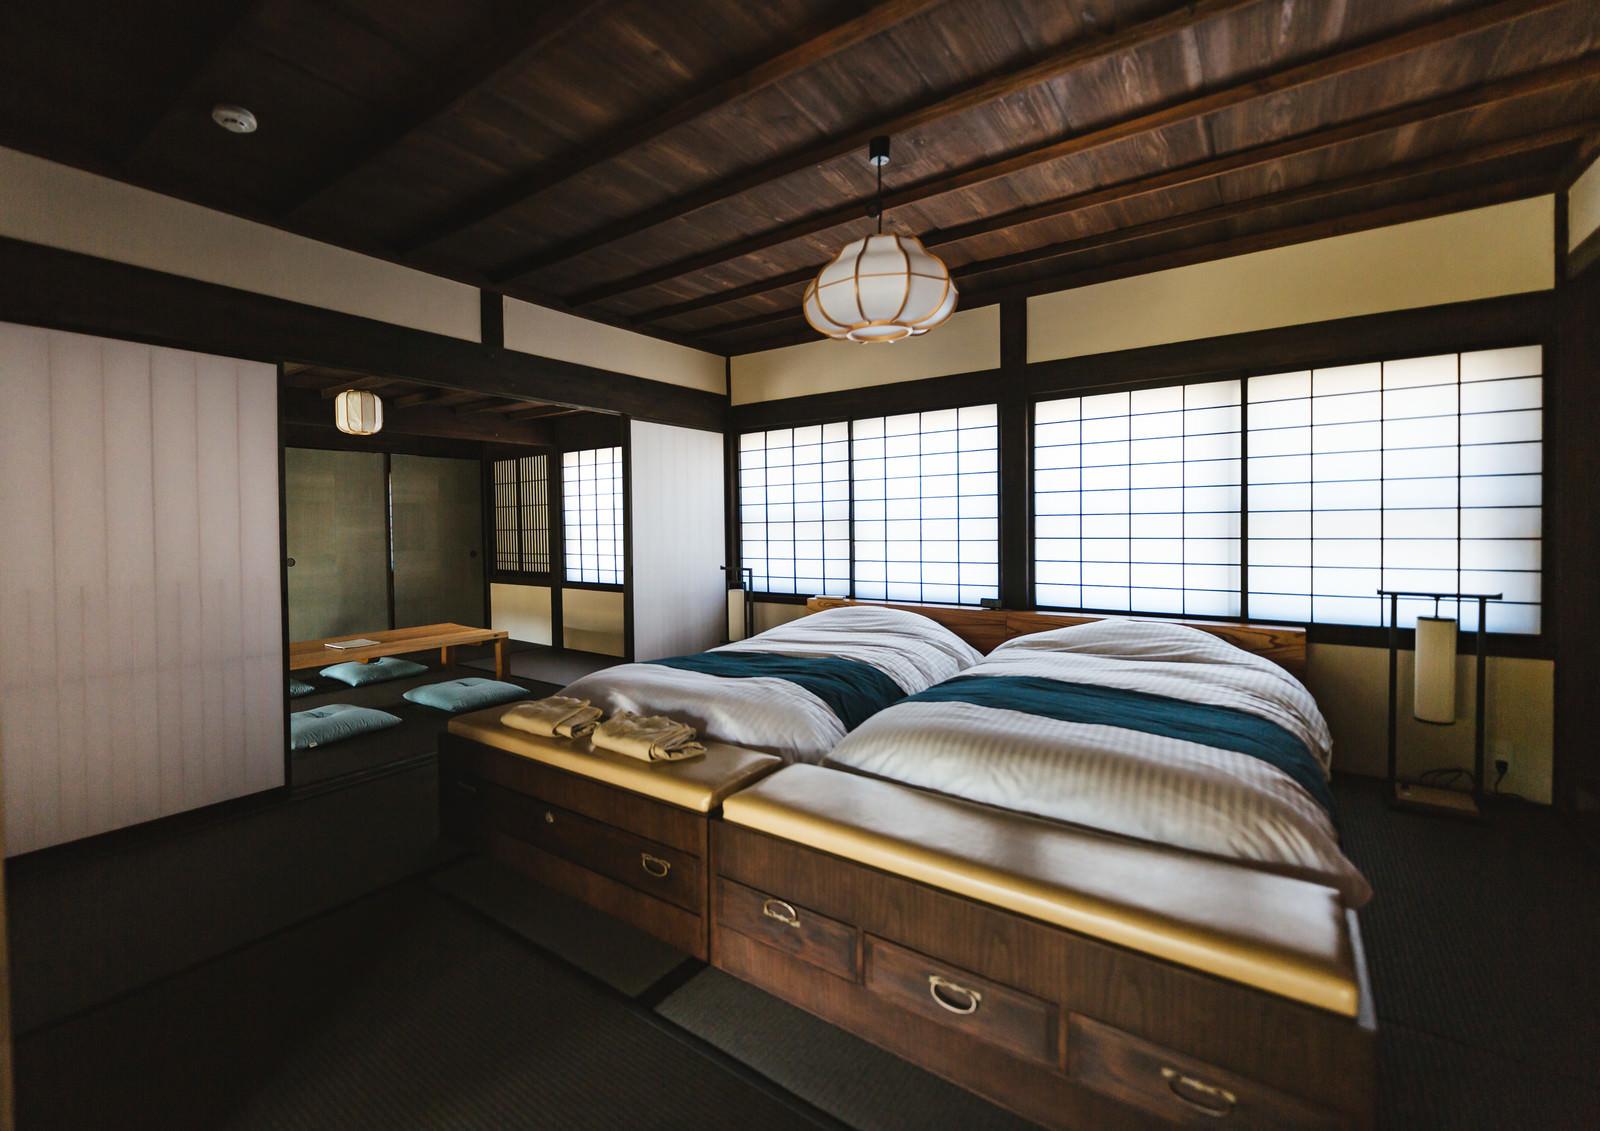 「リノベーションした古民家の寝室(ベッド)」の写真